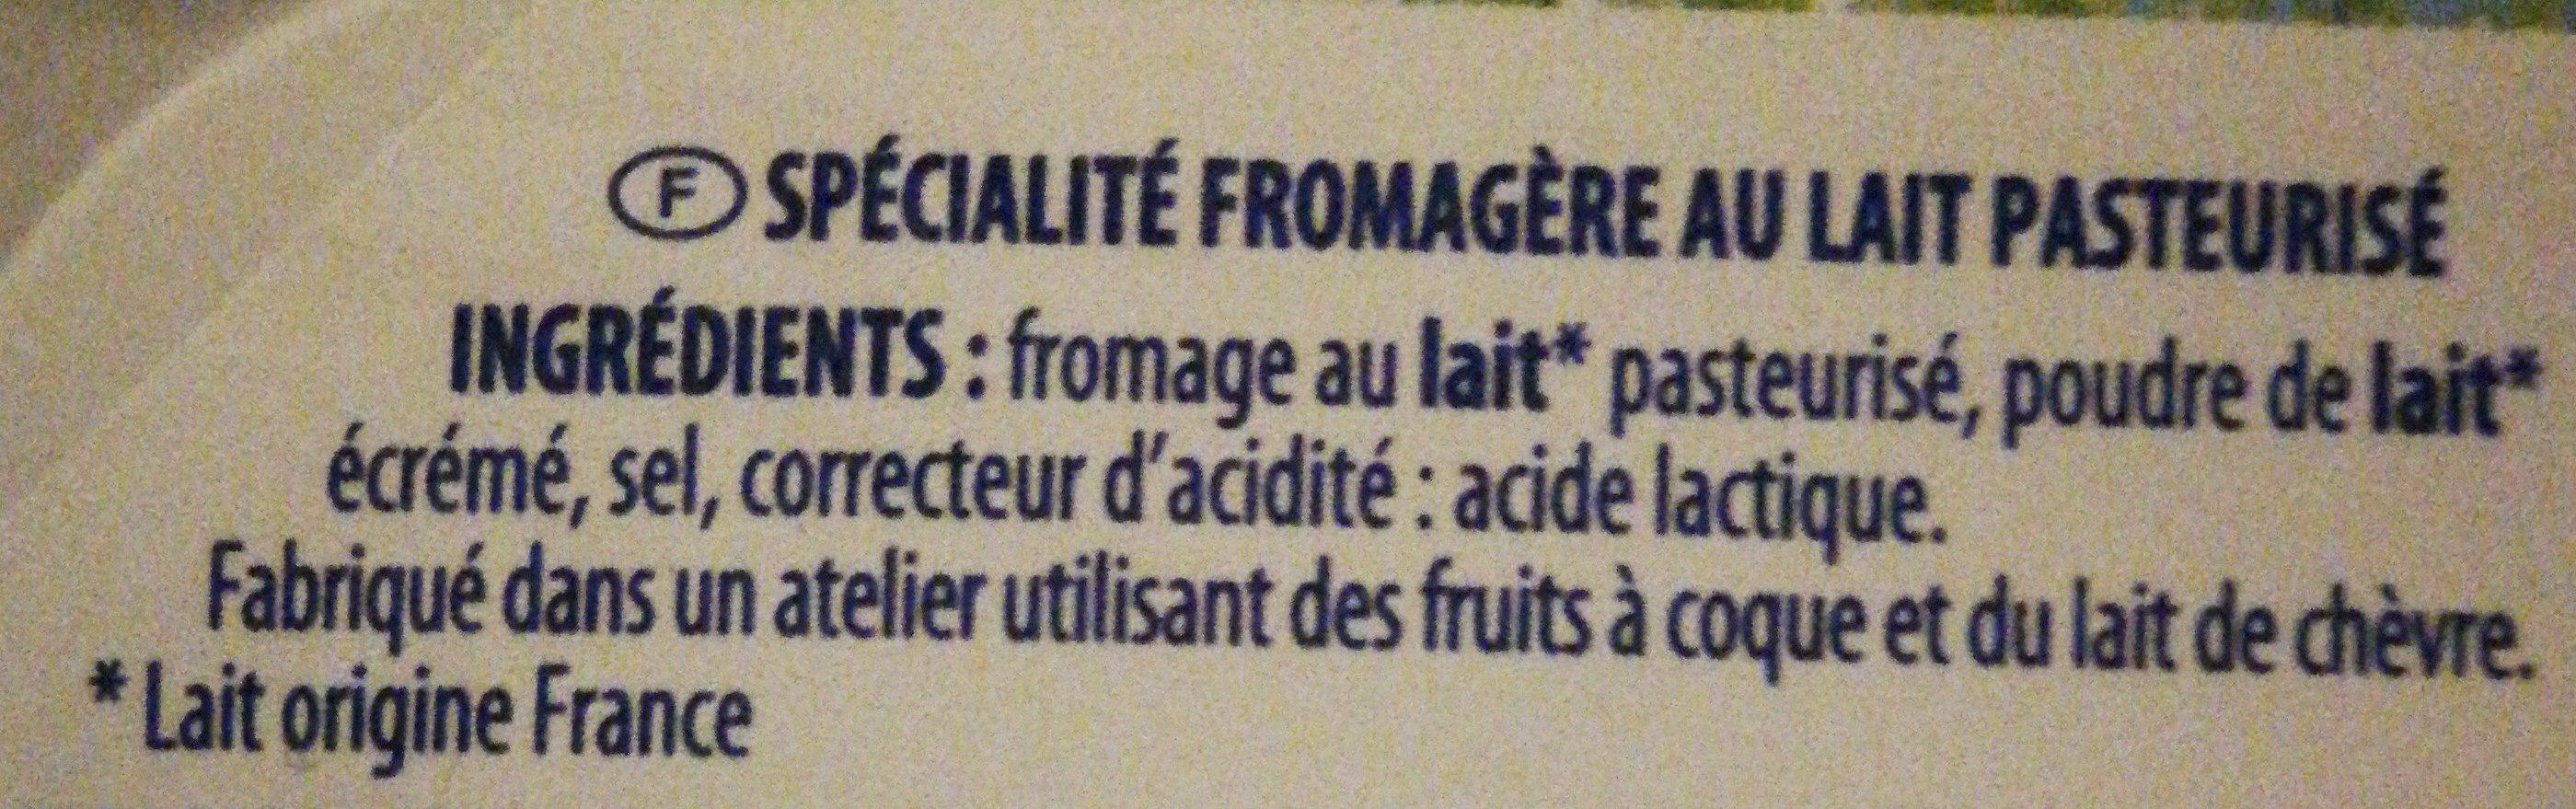 Pâturages Naturais - Ingredients - fr